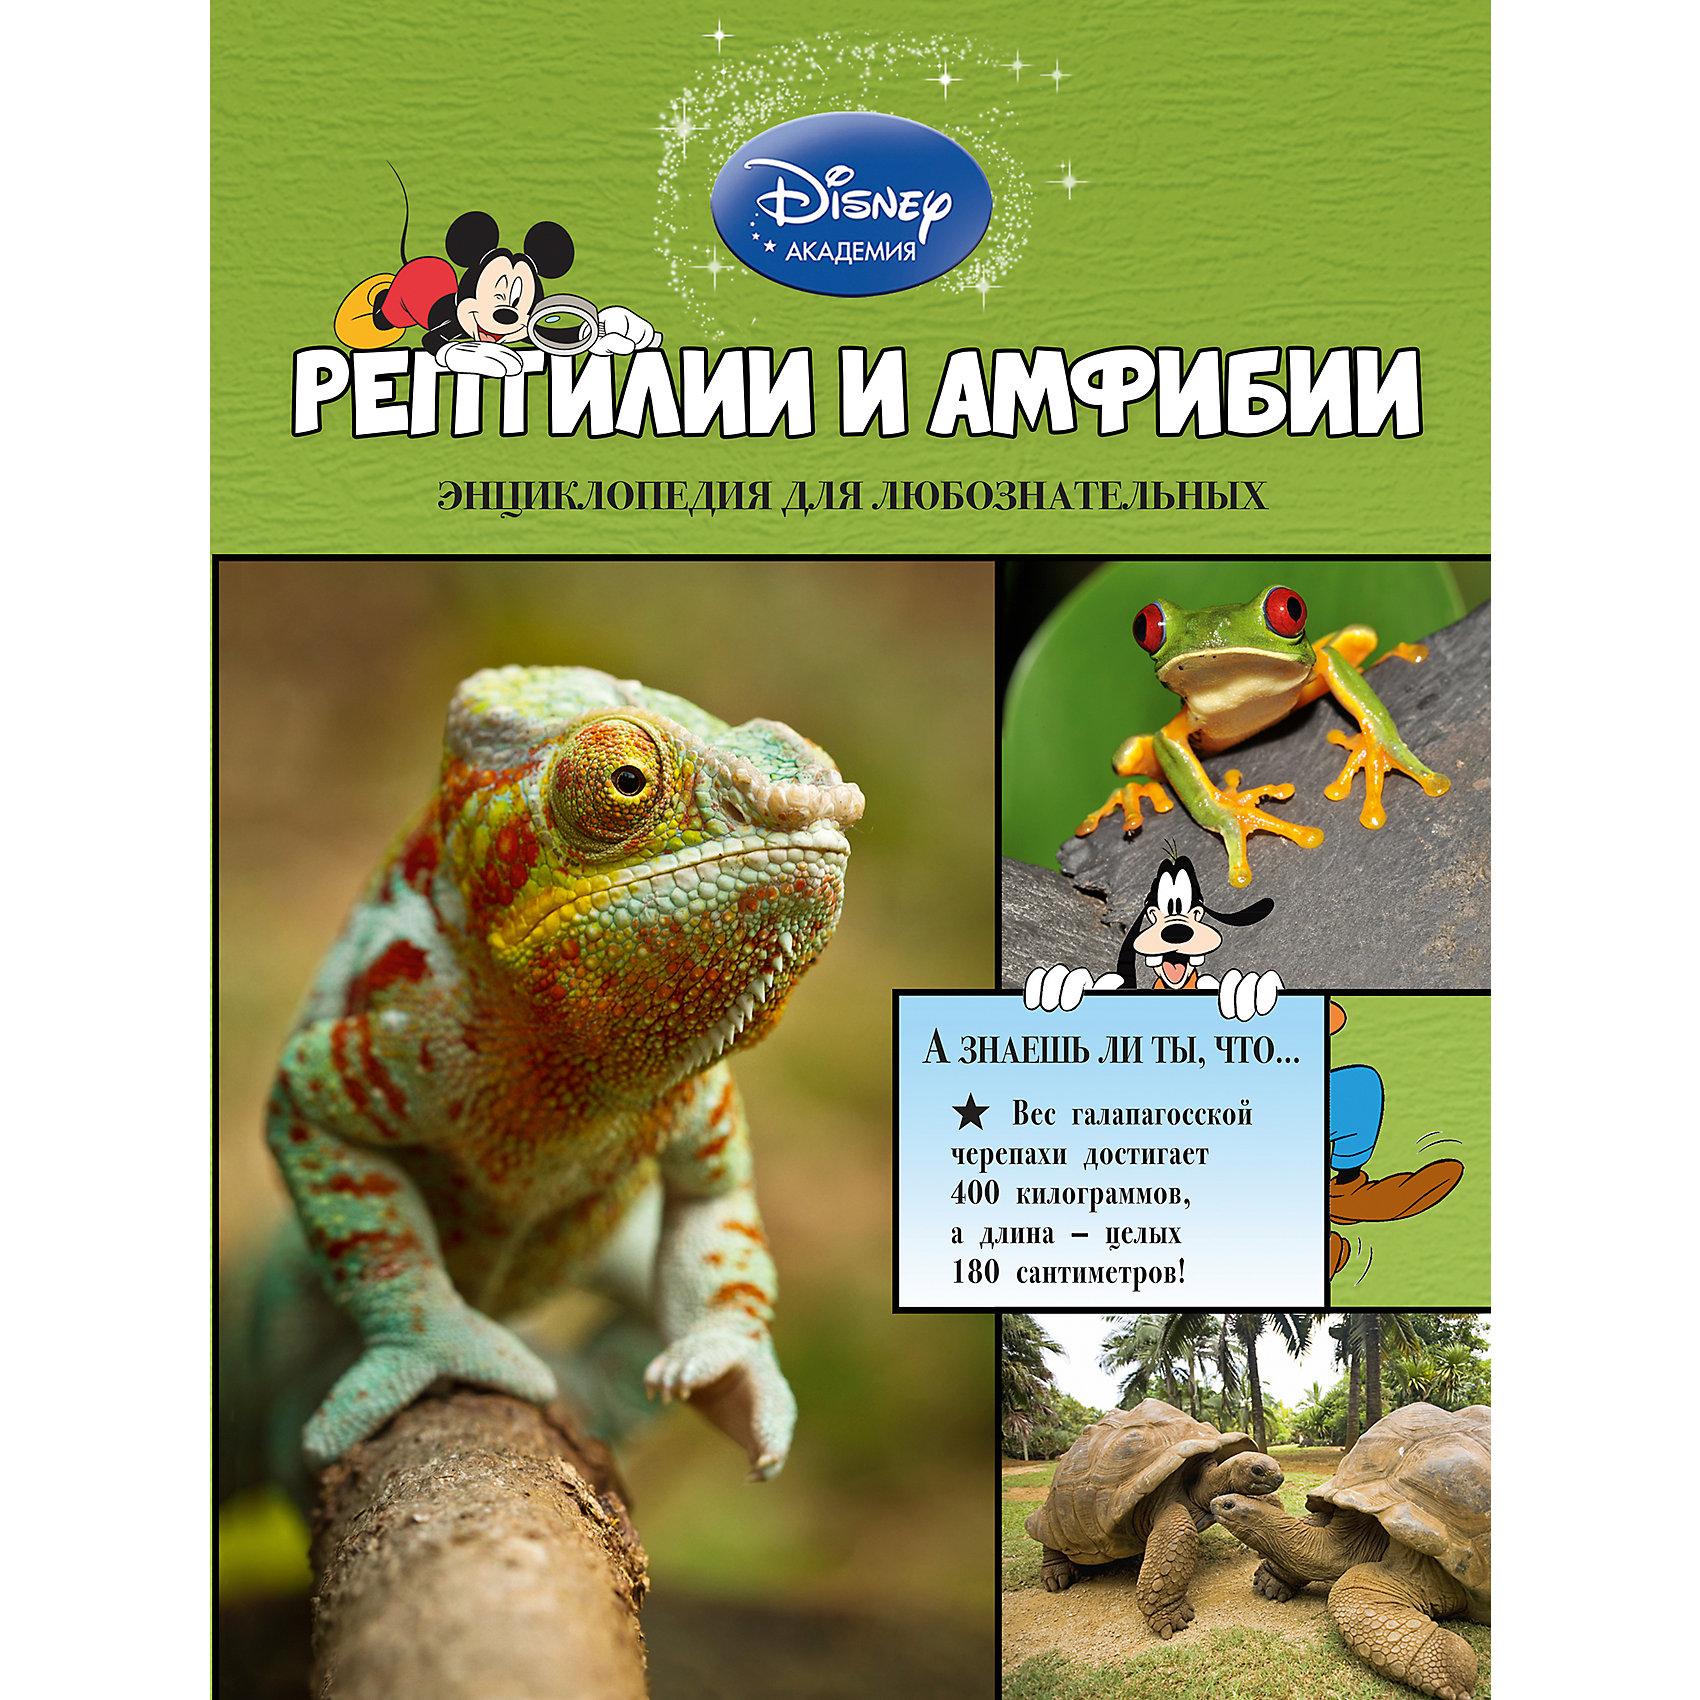 Первая энциклопедия Рептилии и амфибии, DisneyГерои Disney приглашают маленьких читателей исследовать окружающий мир. Из этой книги малыши узнают всё самое интересное о хамелеонах, гекконах, черепахах, змеях, лягушках, крокодилах и других невероятных рептилиях и амфибиях. Любимые персонажи расскажут, почему ящерицы отбрасывают хвосты, зачем грифовым черепашкам ярко-розовые языки, кто из саламандр дышит кожей - и о многом другом. Ребят  ждут не только любопытнейшие факты, изложенные доступным и увлекательным языком, но и большие красочные иллюстрации. Рядом с картинками есть подписи, разъясняющие особенности и назначение той или иной части тела каждого животного. А ещё, благодаря этой книге, маленькие читатели разовьют познавательные способности, кругозор и структурное мышление, получат первый опыт работы с энциклопедической литературой.<br><br>Дополнительная информация:<br><br>- Редактор: Жилинская А.<br>- Формат: 29х21,7 см.<br>- Переплет: твердый.<br>- Количество страниц: 64. <br>- Иллюстрации: цветные.<br><br>Книгу Рептилии и амфибии можно купить в нашем магазине.<br><br>Ширина мм: 280<br>Глубина мм: 210<br>Высота мм: 10<br>Вес г: 454<br>Возраст от месяцев: 72<br>Возраст до месяцев: 84<br>Пол: Унисекс<br>Возраст: Детский<br>SKU: 4414952